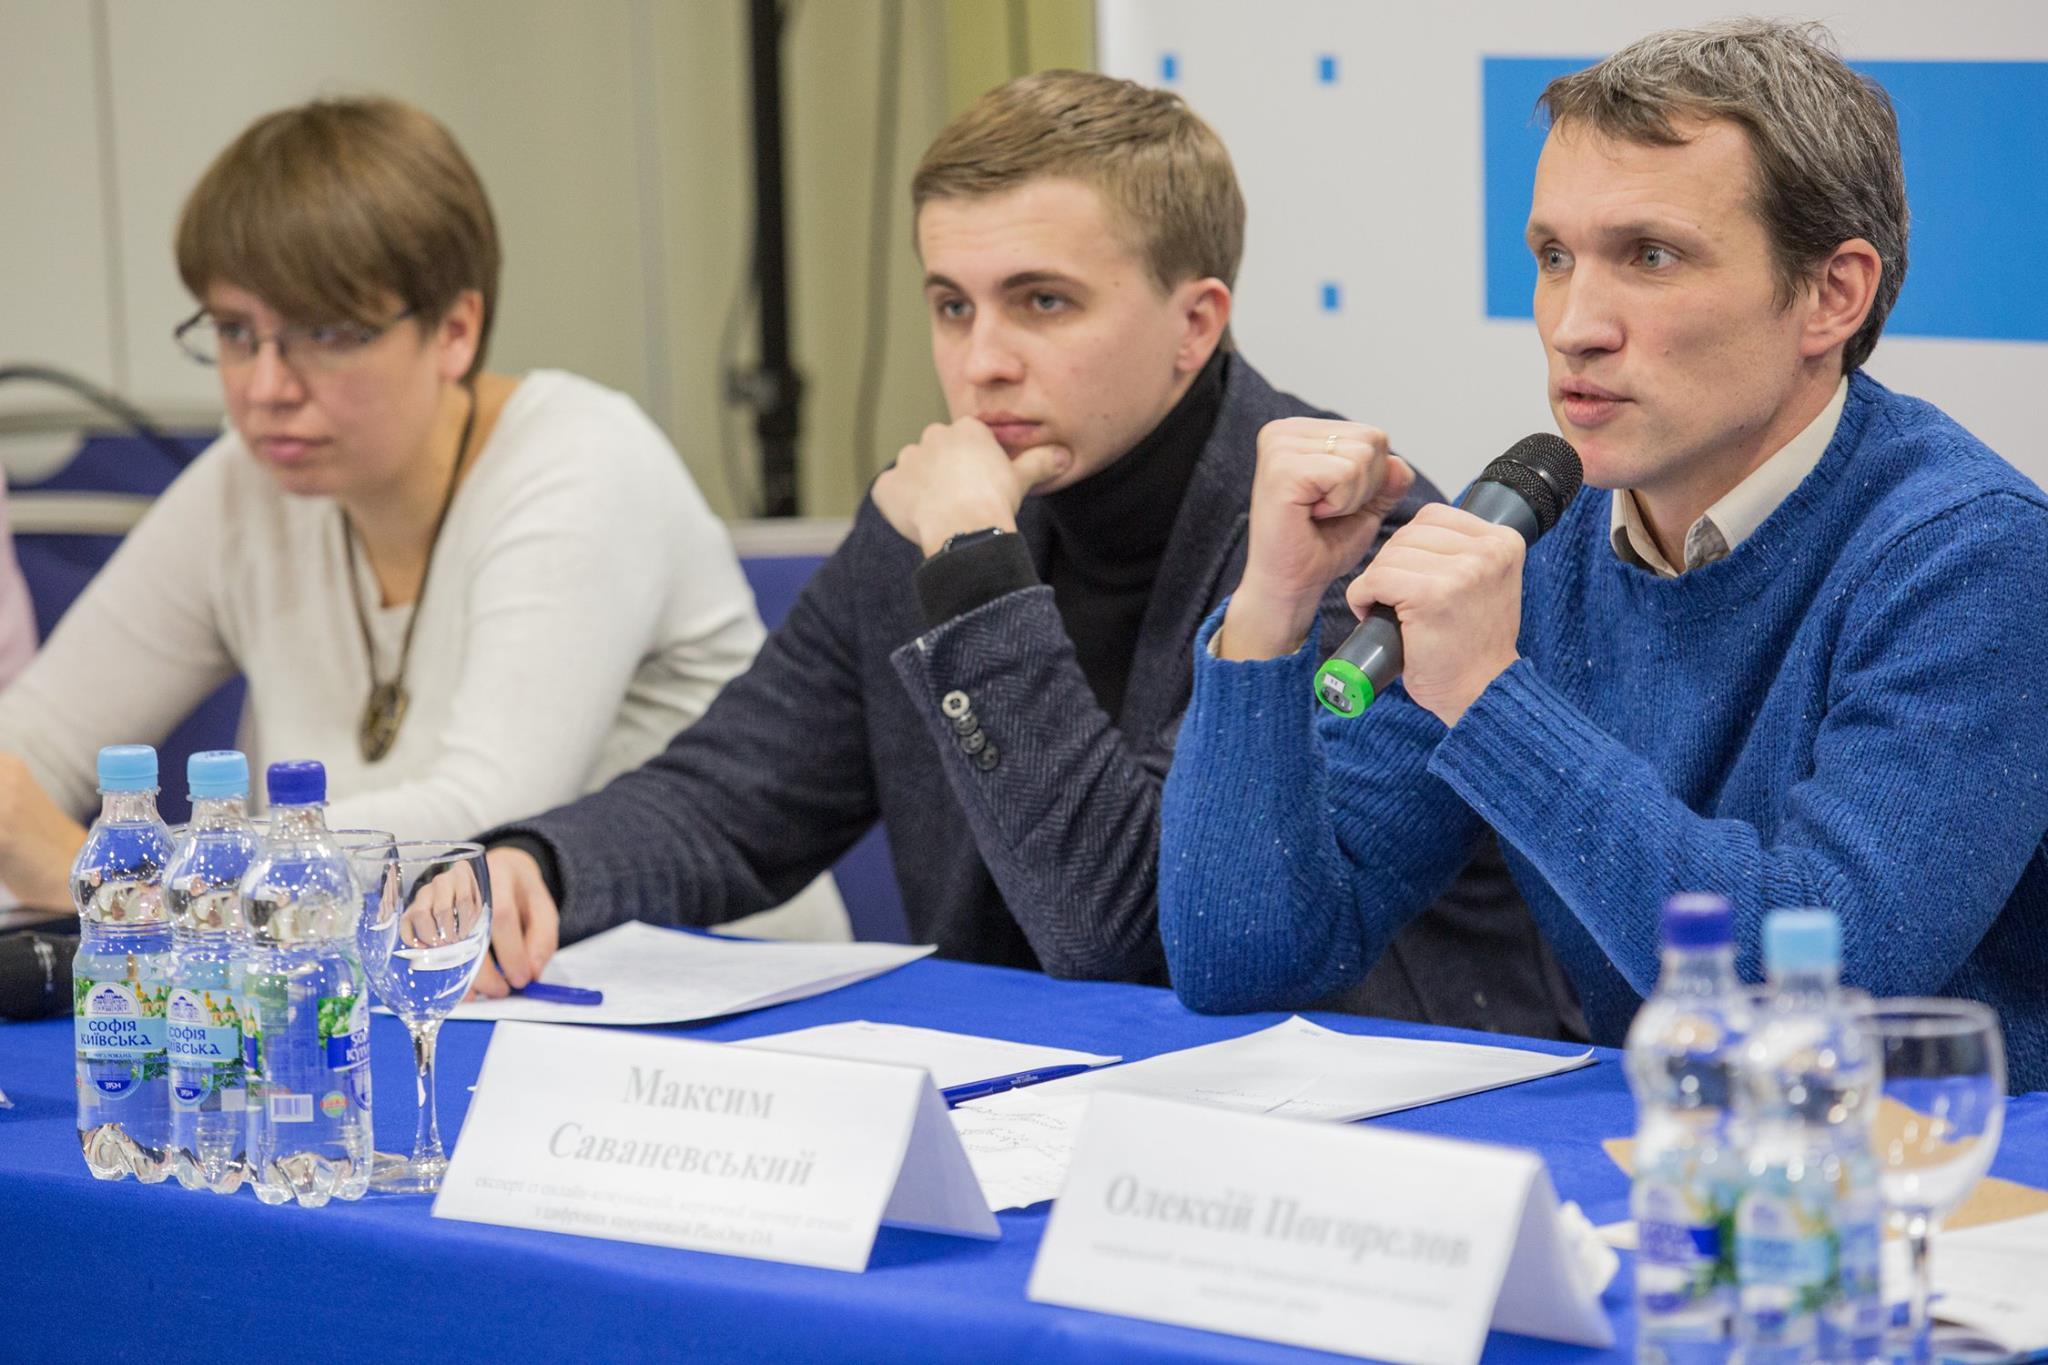 Ярина Ясиневич, Михайло Ткач, Максим Саваневський